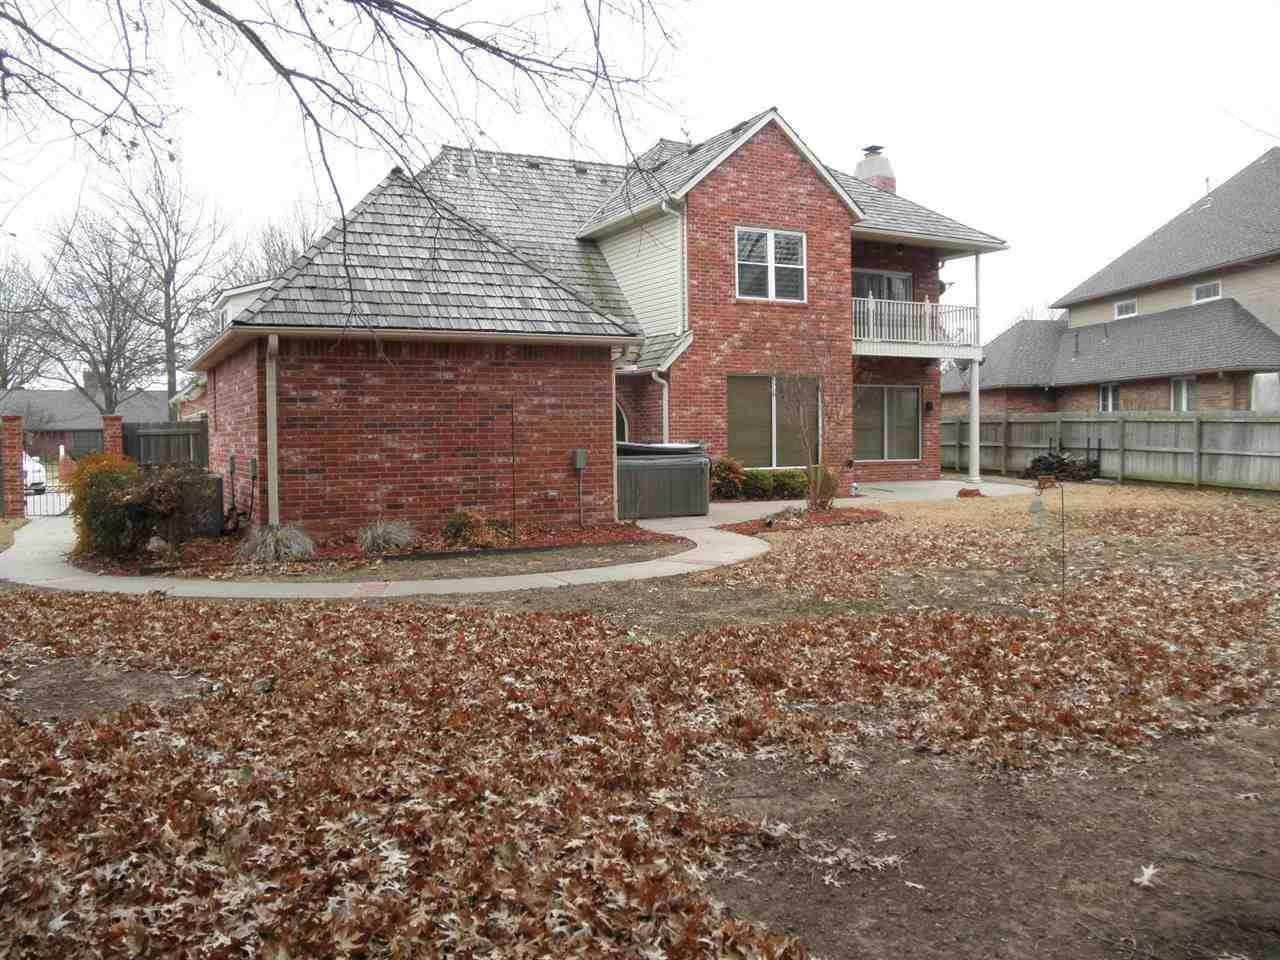 Sold Cross Sale W/ MLS | 2705 Mockingbird  Ponca City, OK 74604 27